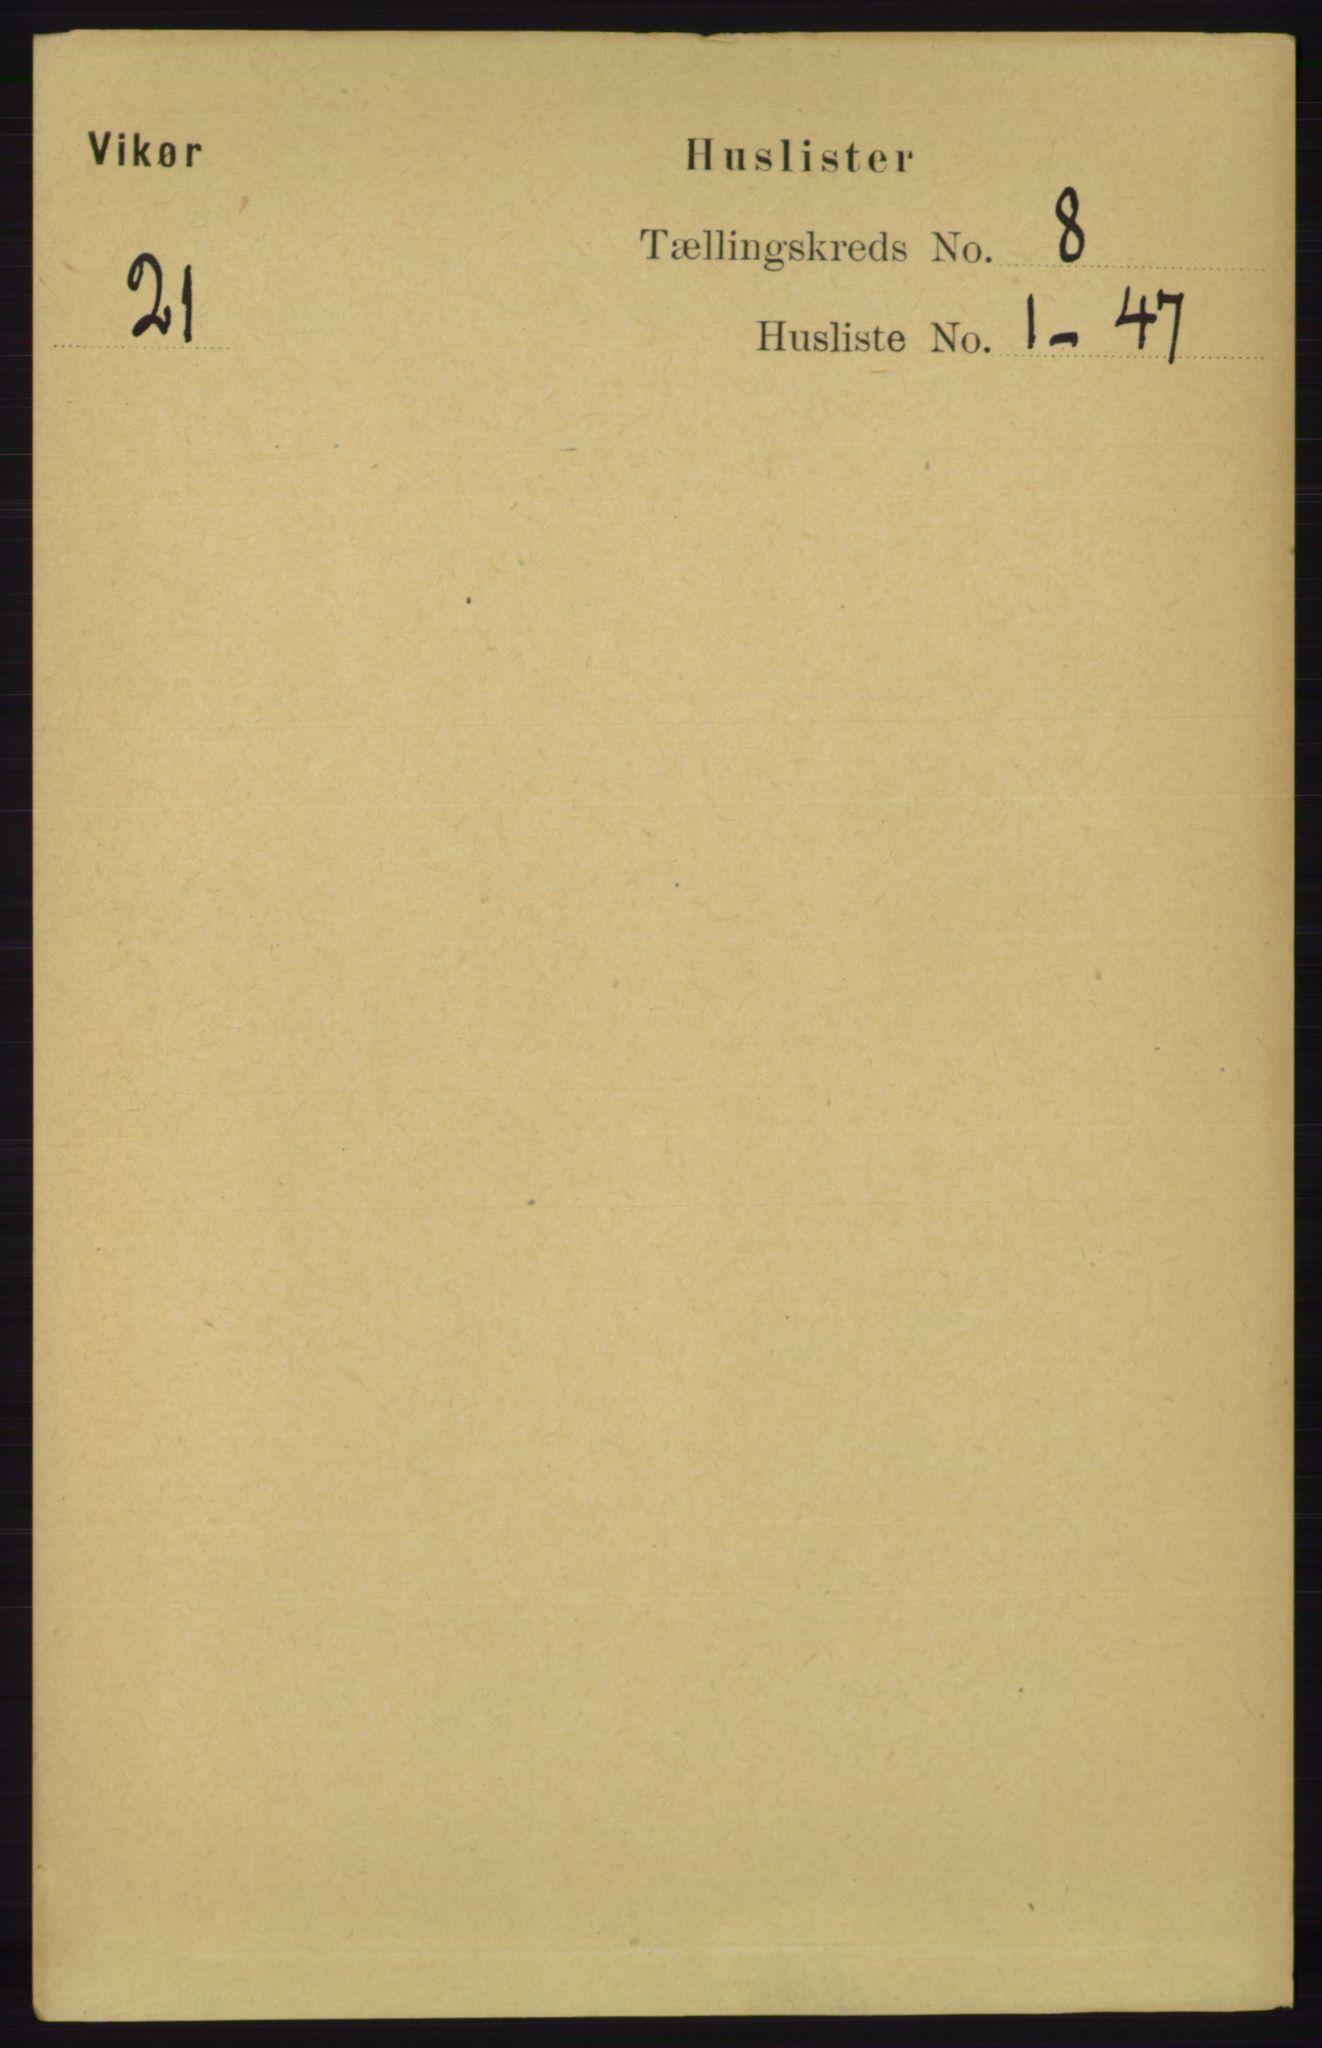 RA, Folketelling 1891 for 1238 Vikør herred, 1891, s. 2275